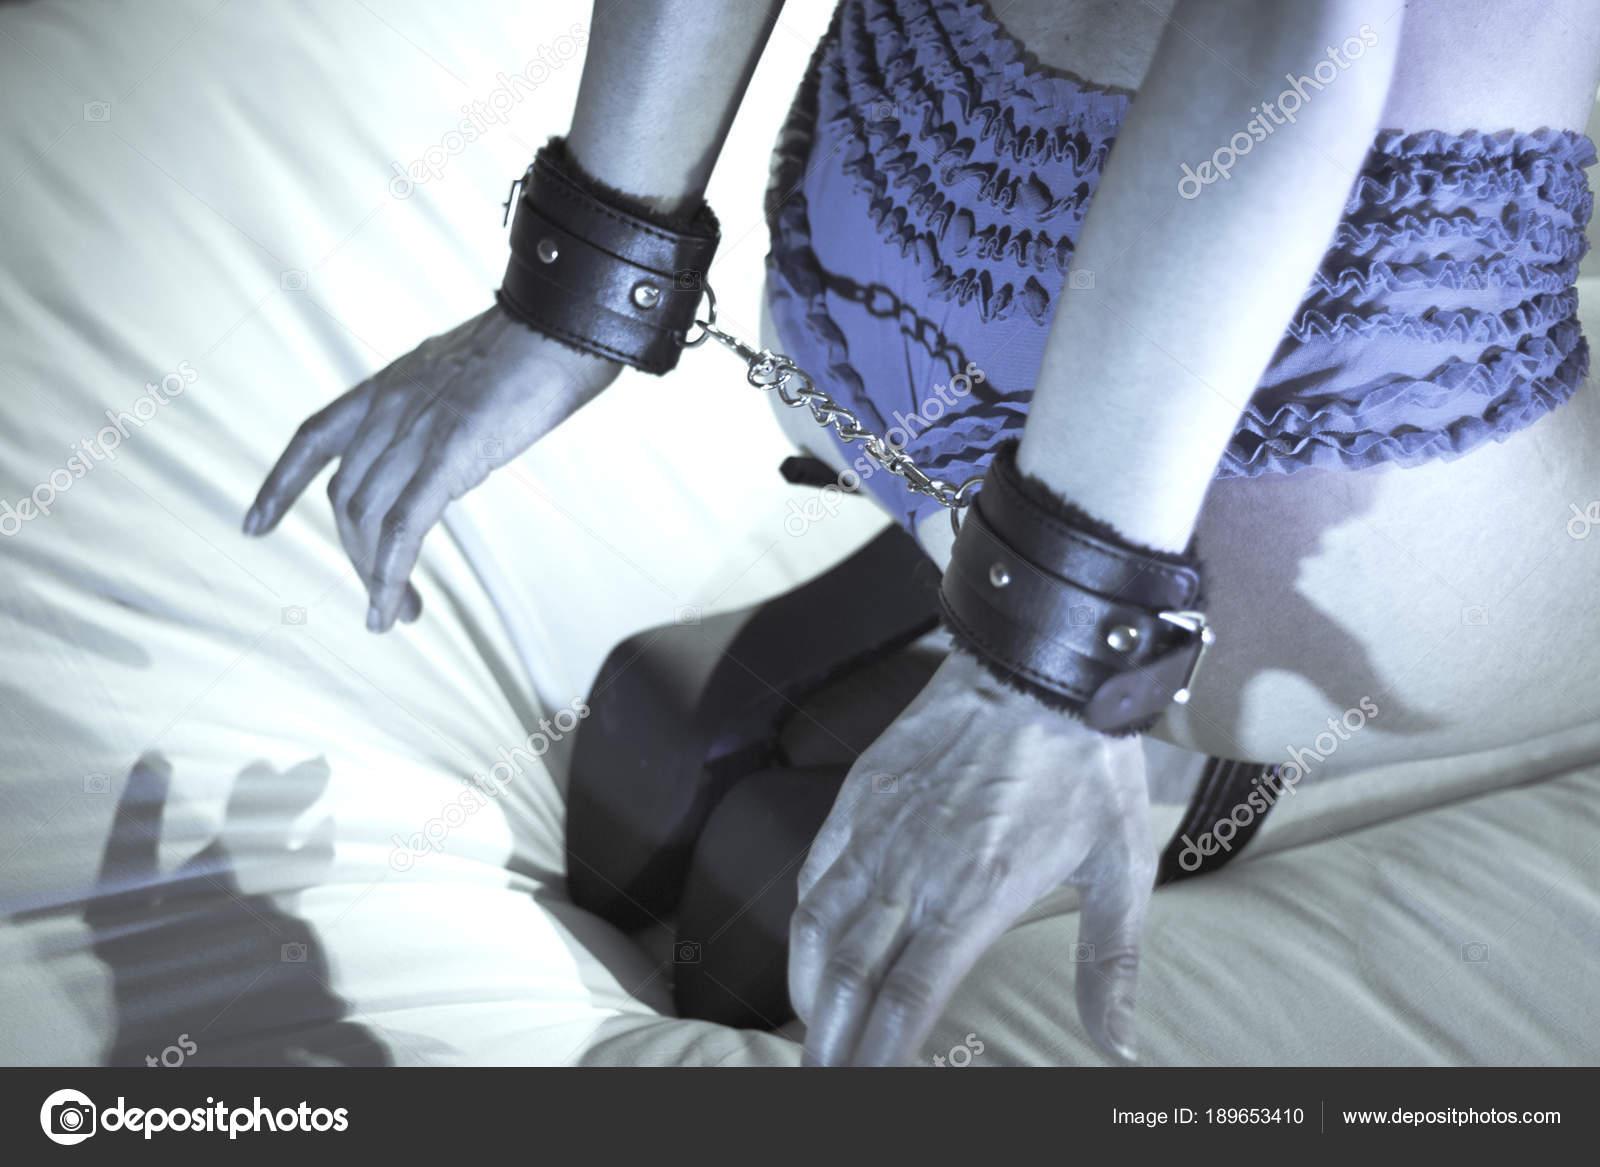 Гламурные наручники для сексуальных игр